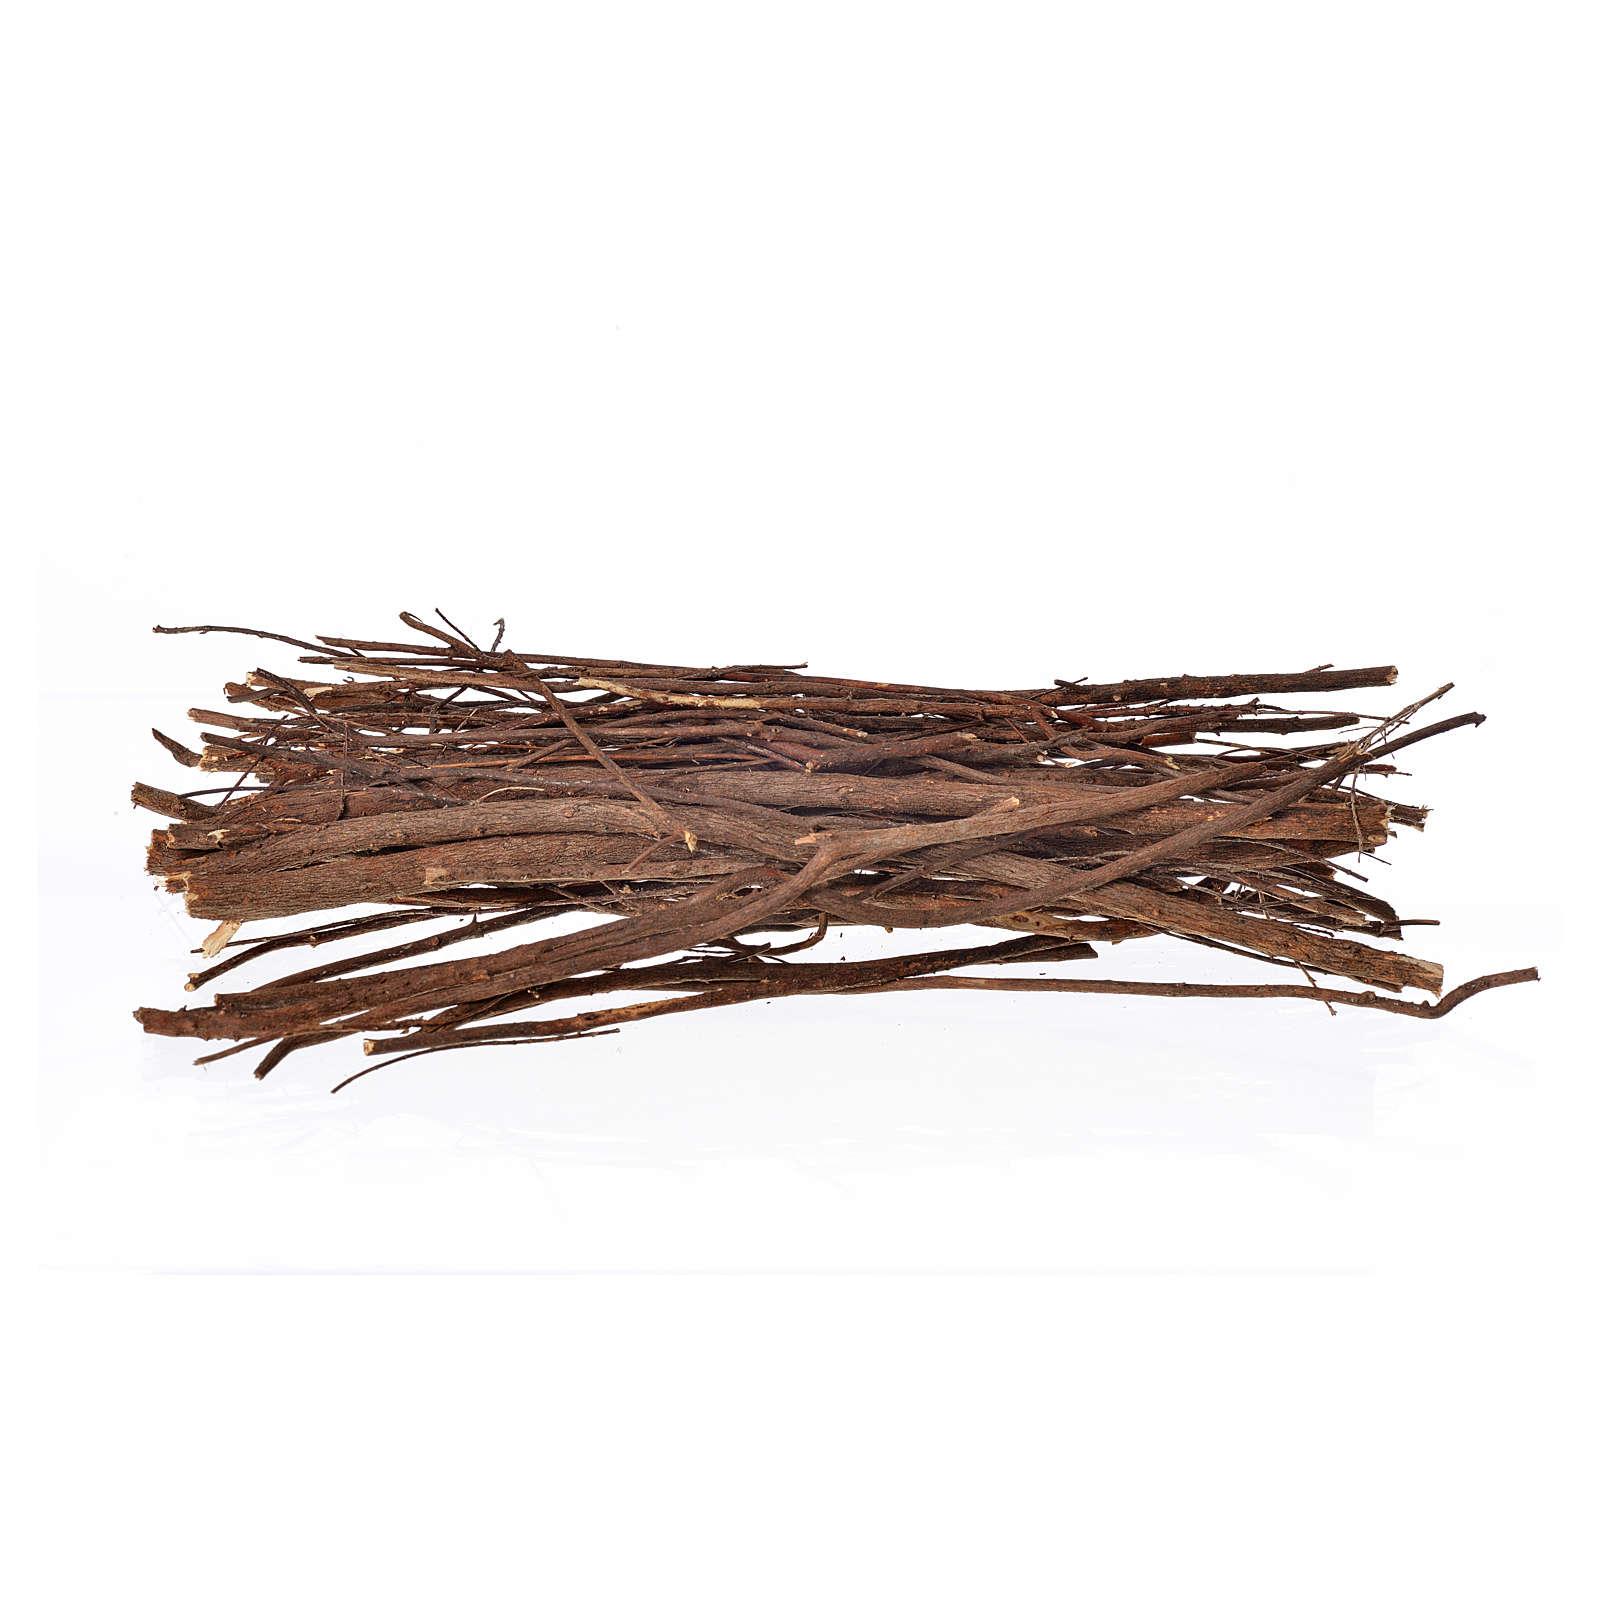 Fagot de bois bruyère 50 g 4